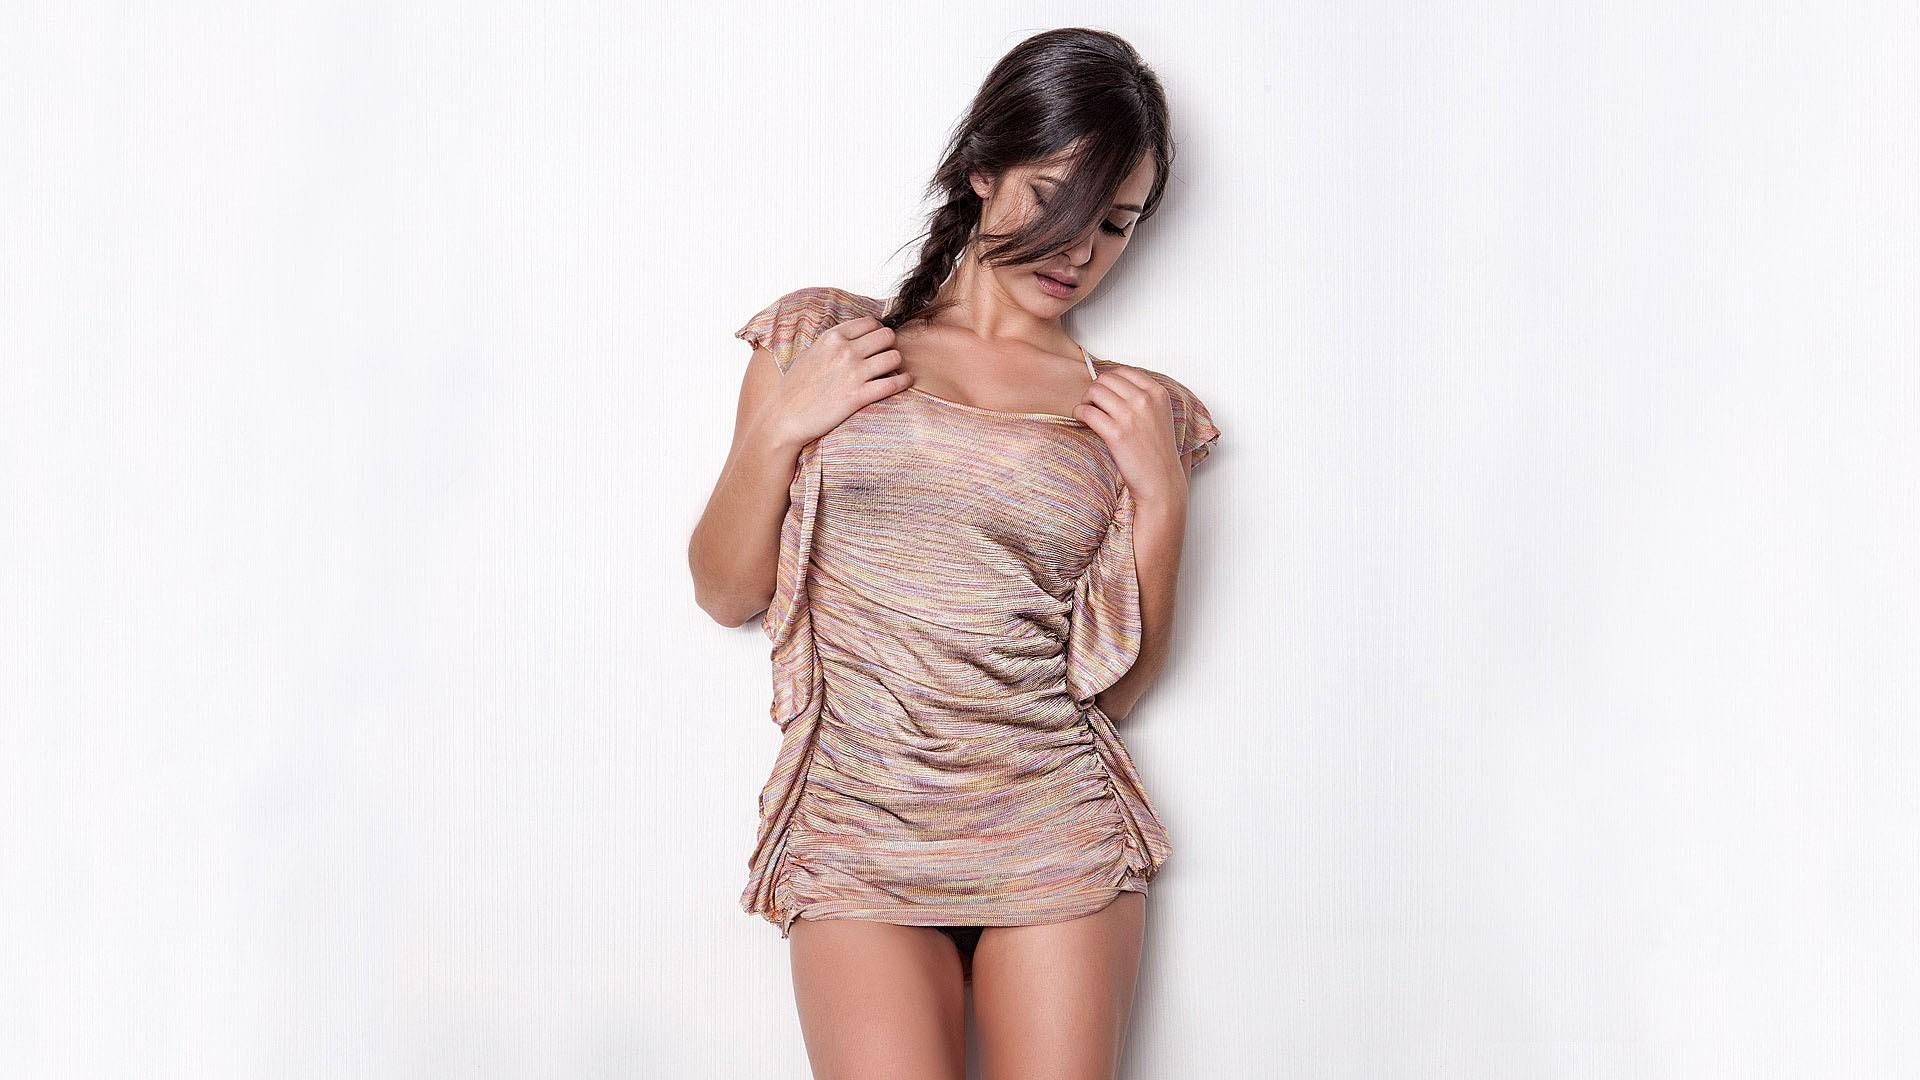 девушка платье взгляд  № 1866922 без смс